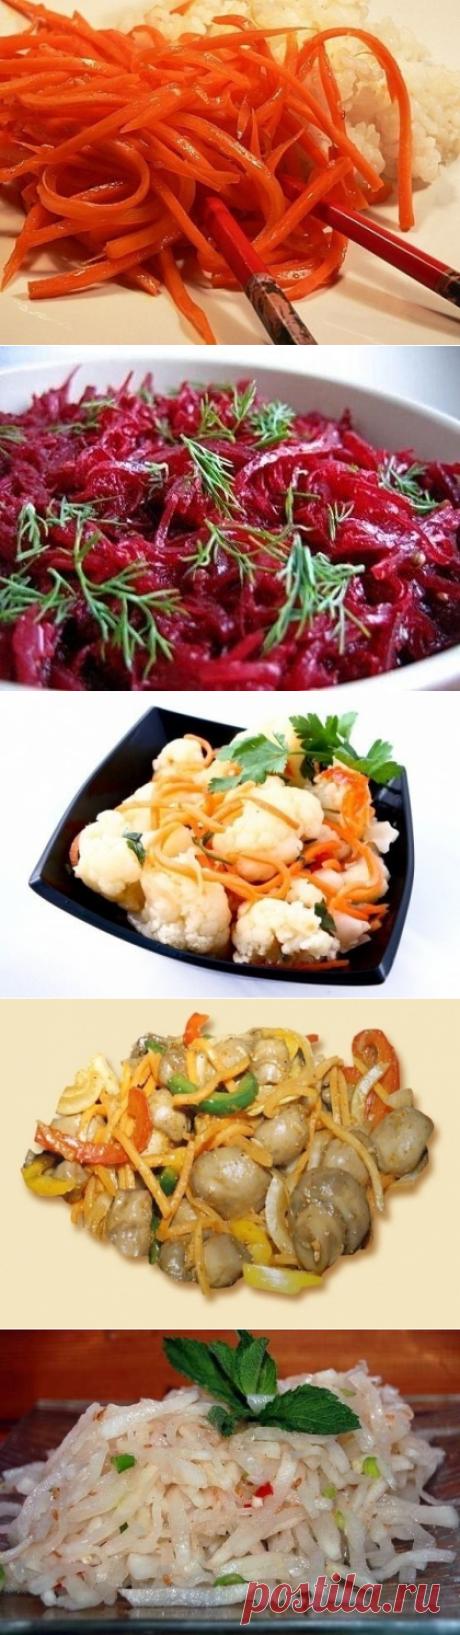 Салаты по-корейски - рецепт, ингридиенты и фотографии